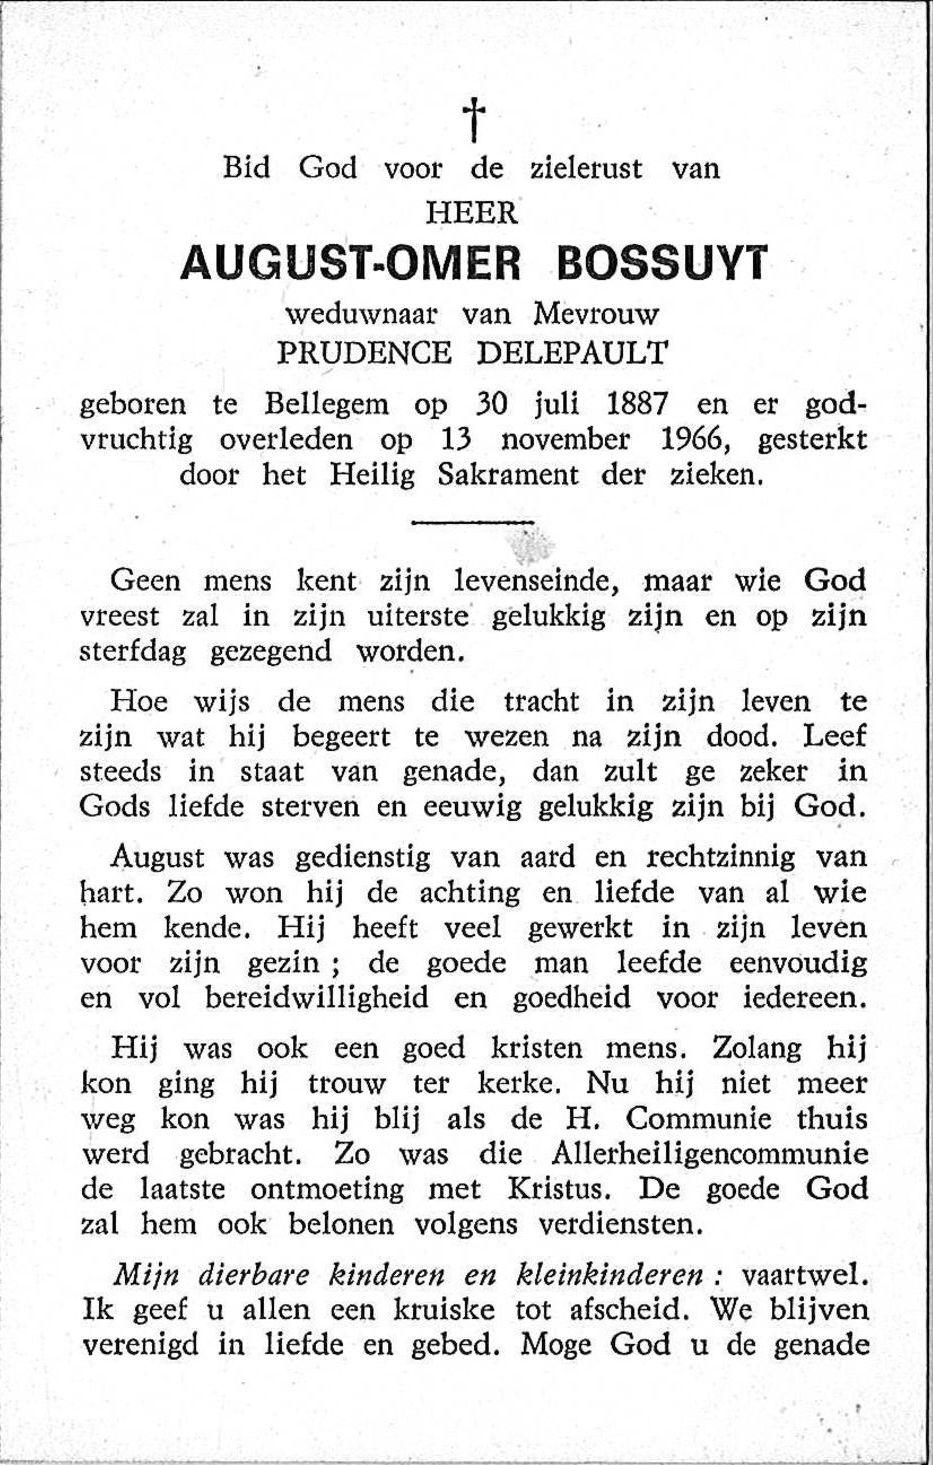 August-Omer Bossuyt